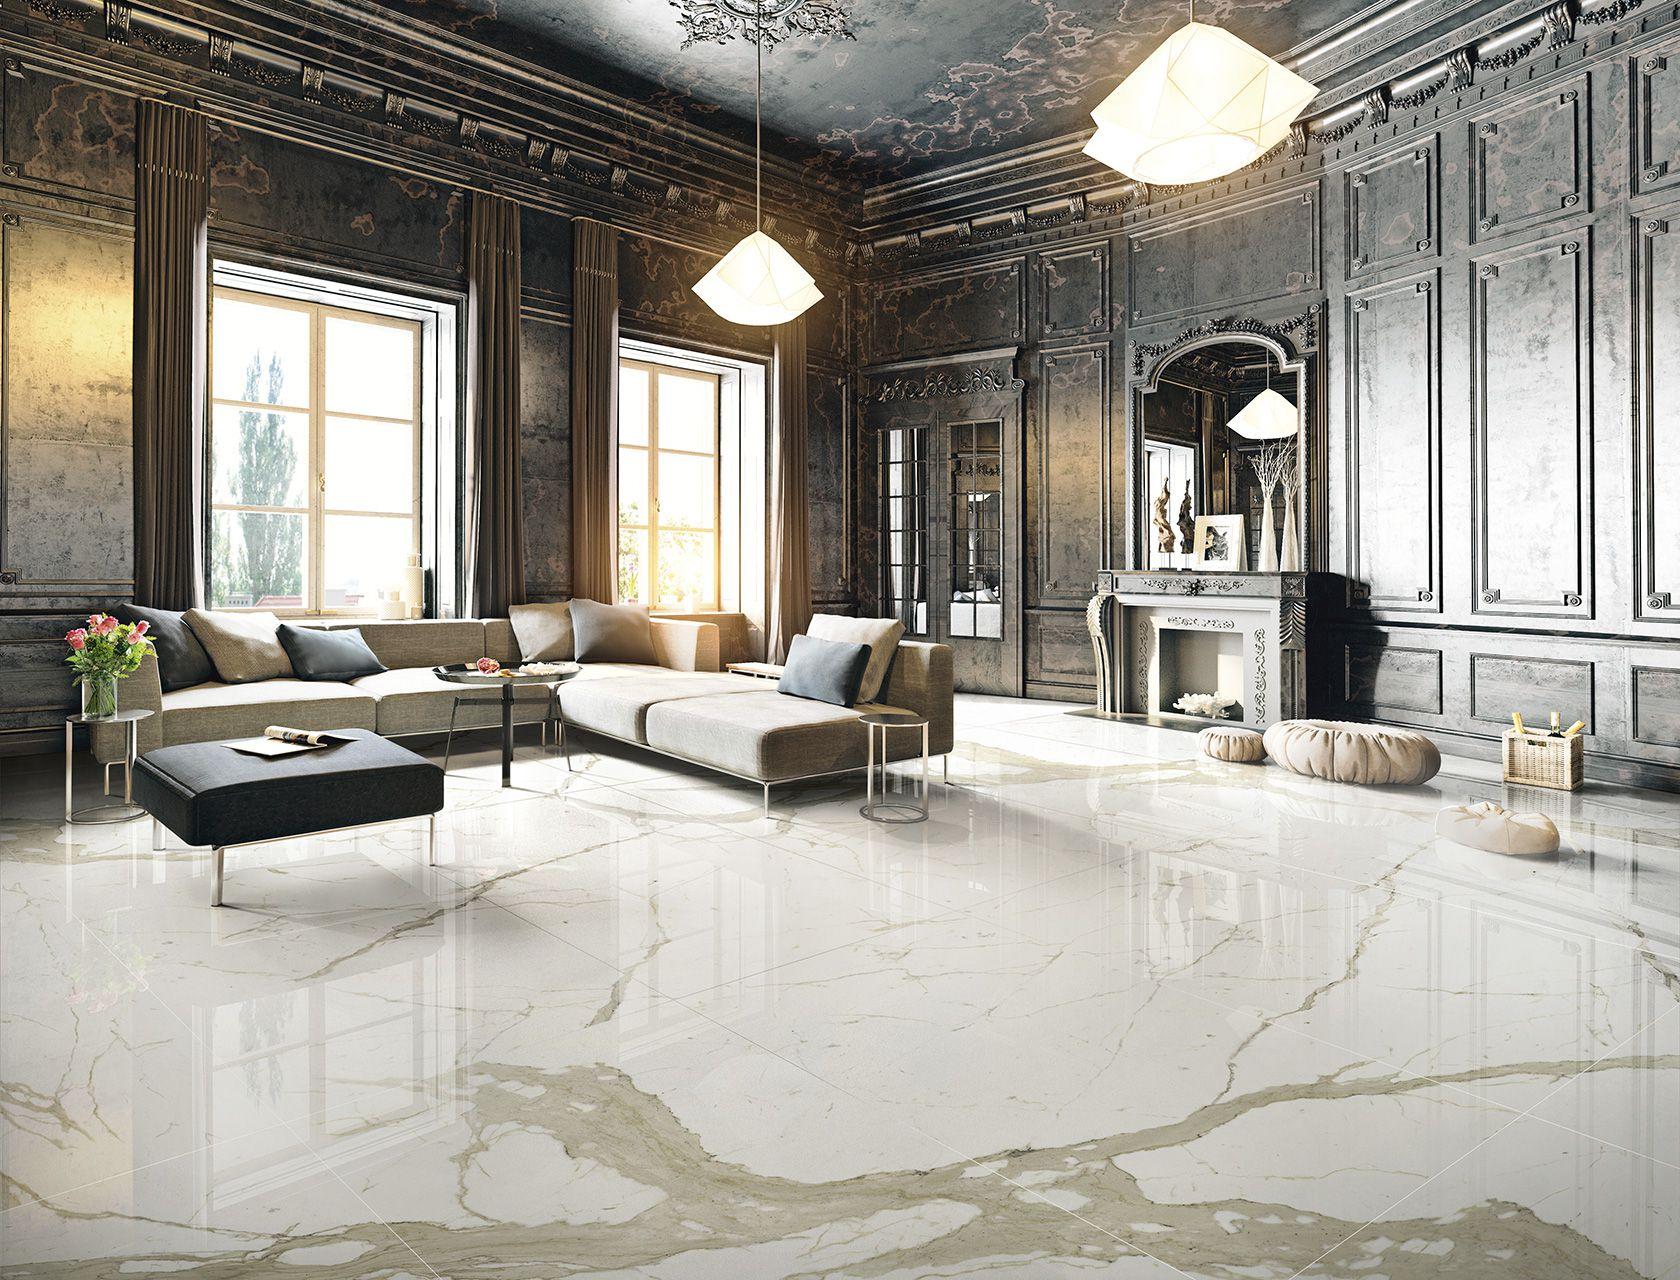 Pavimento Finto Marmo Lucido marmi 200x100, pavimento effetto marmo in gres porcellanato